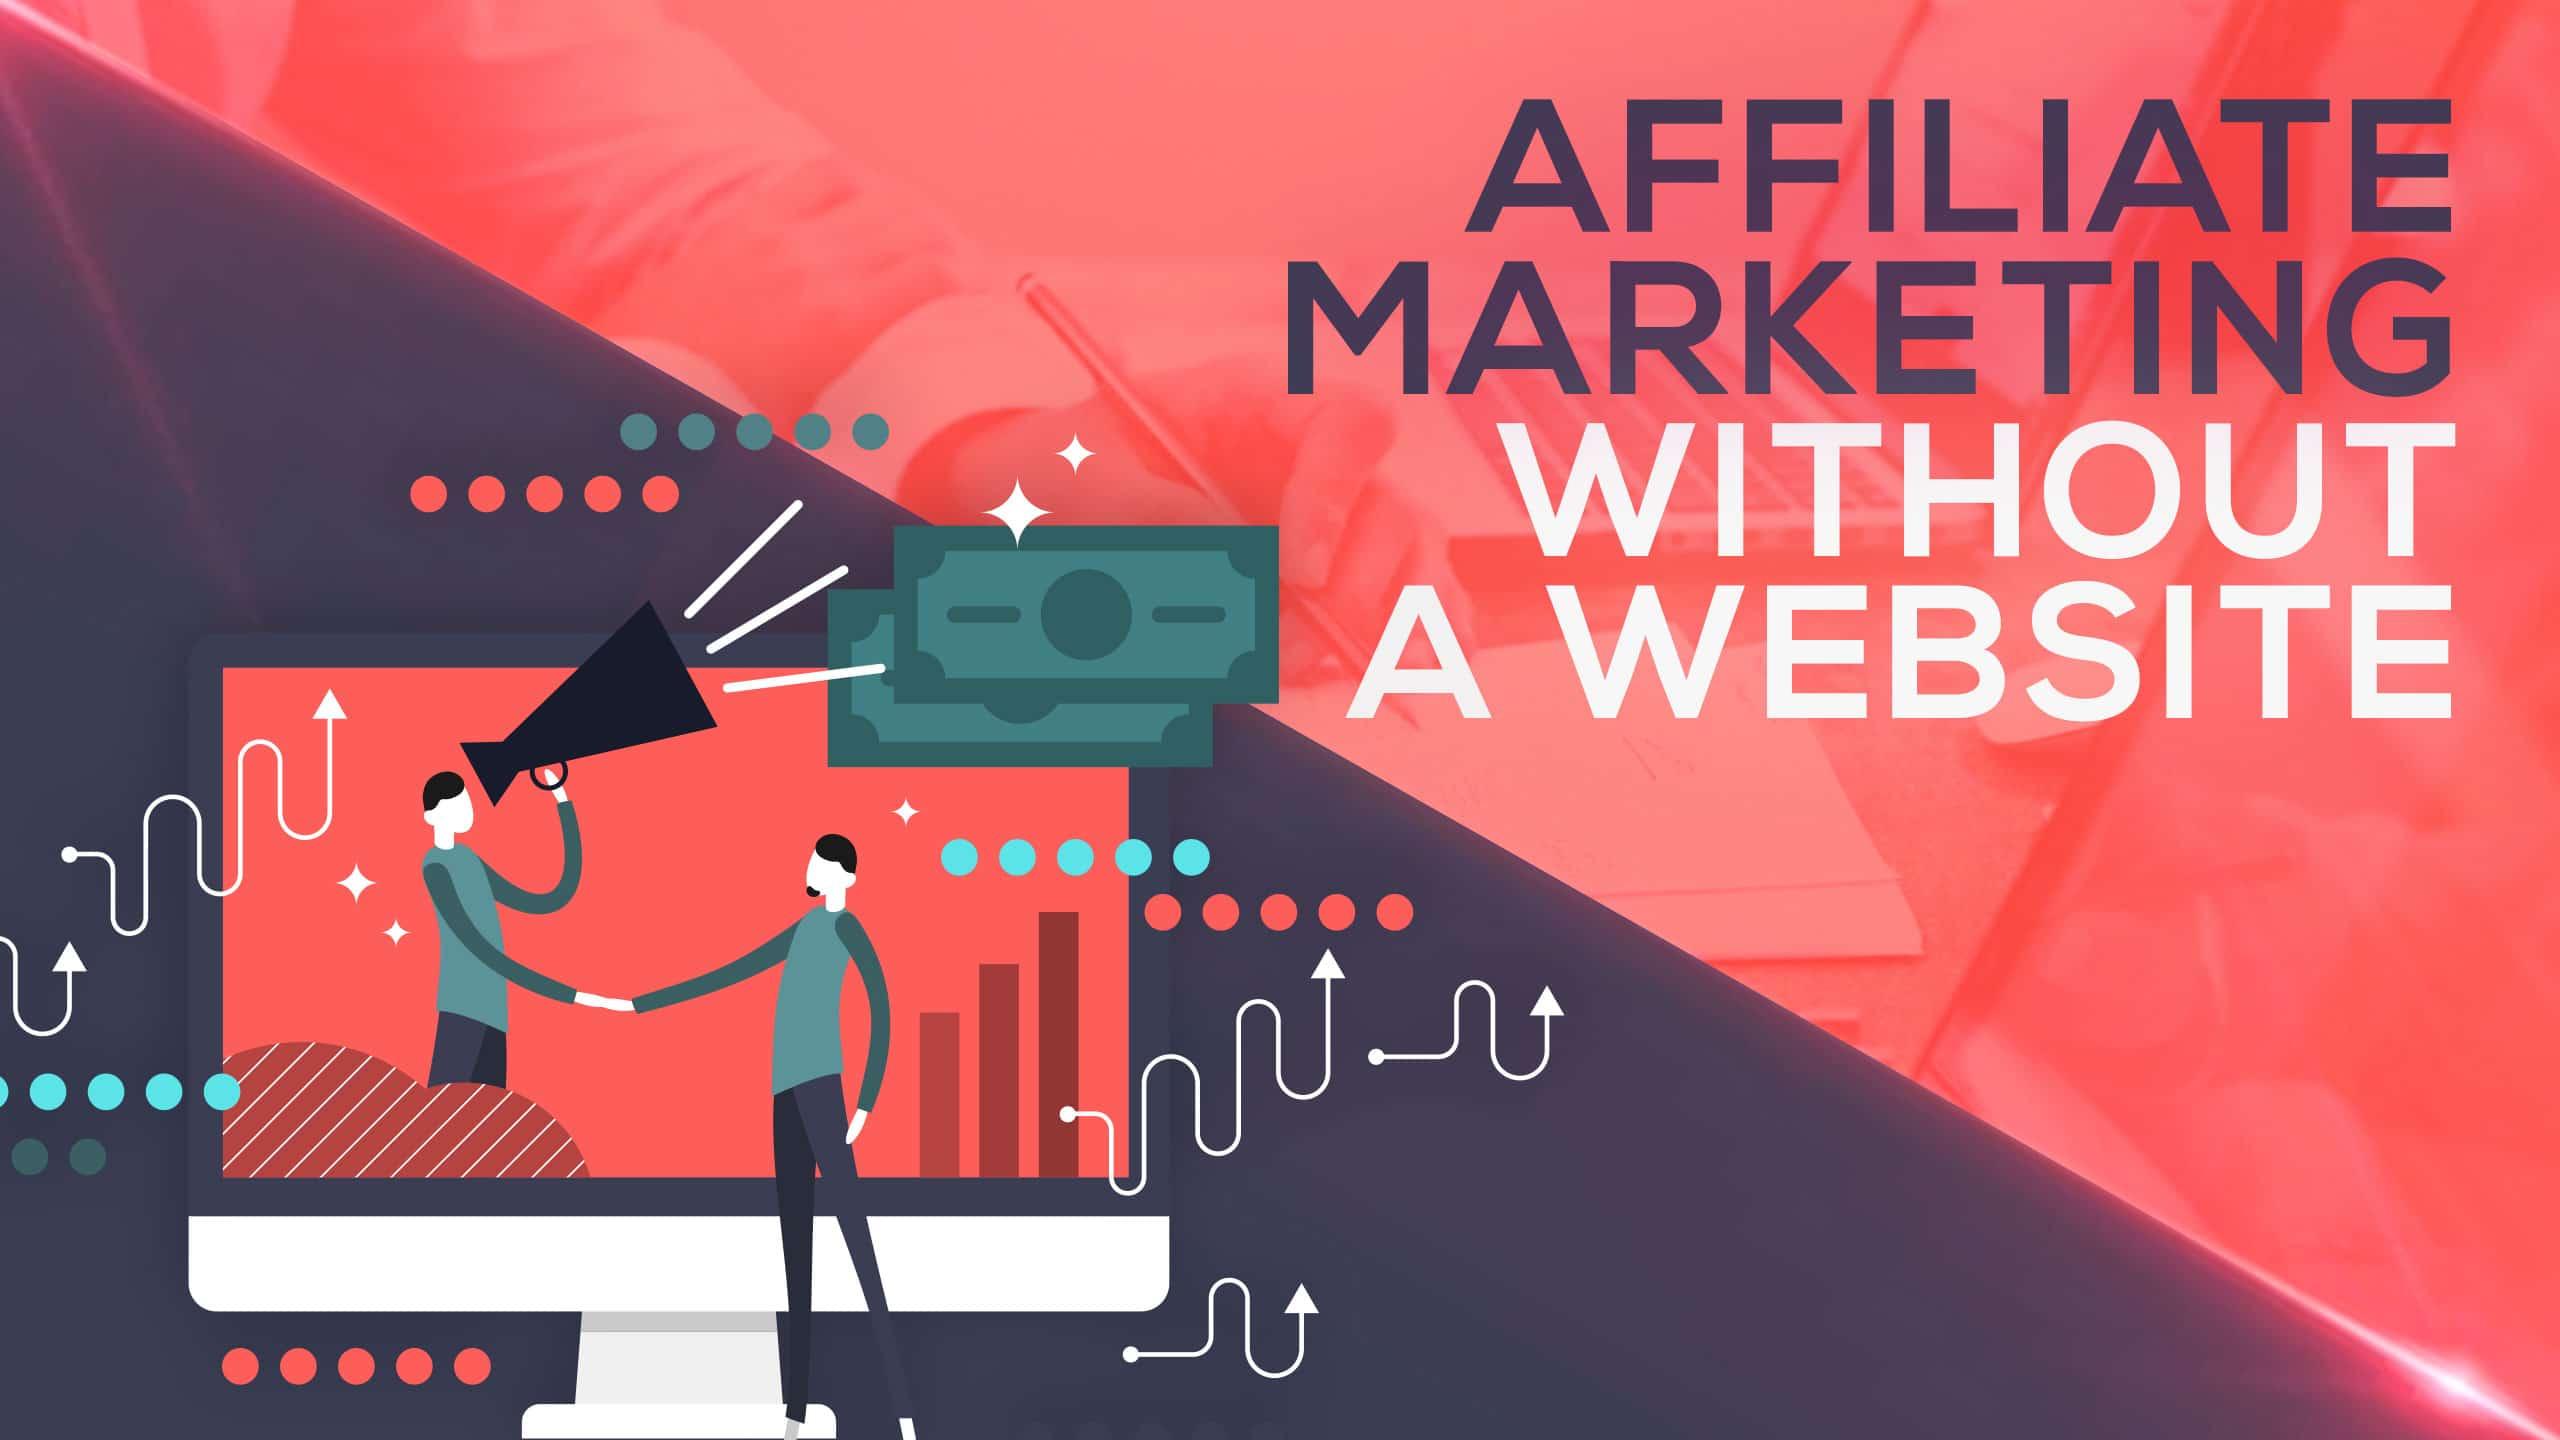 Affiliate marketing no website